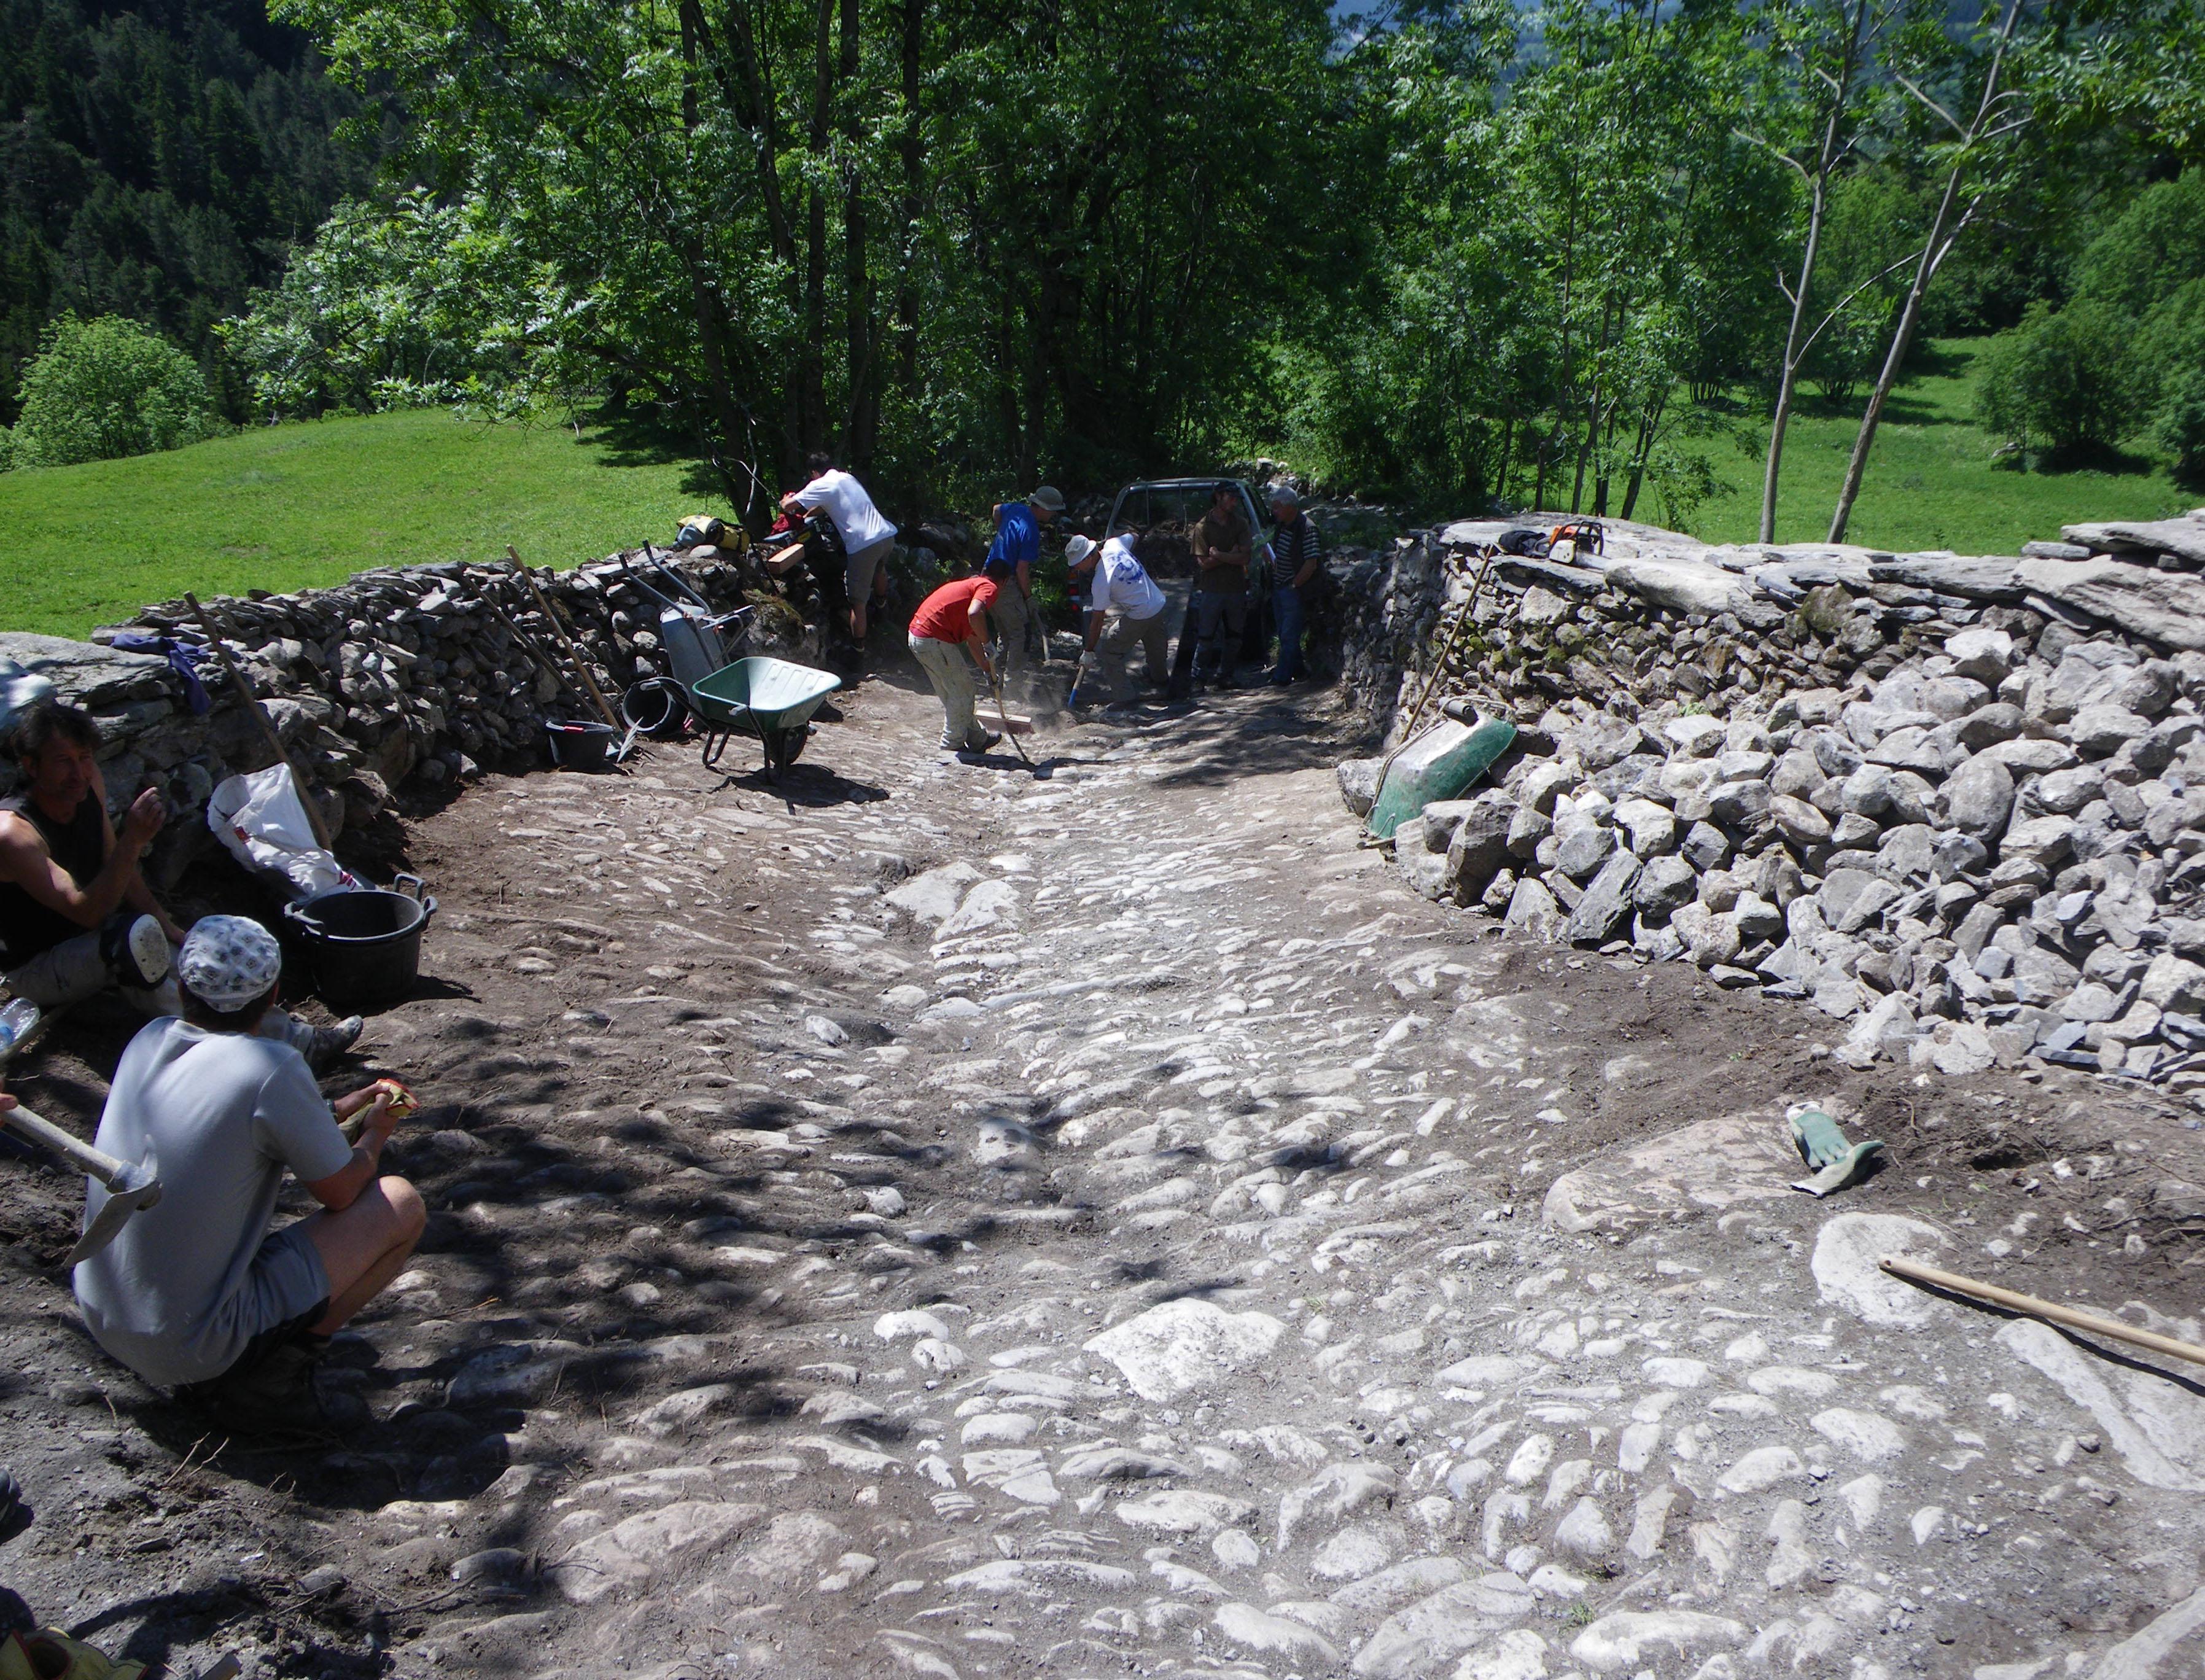 Restauration de la calade et des murets de la route du sel et des fromages (Termignon, Savoie)